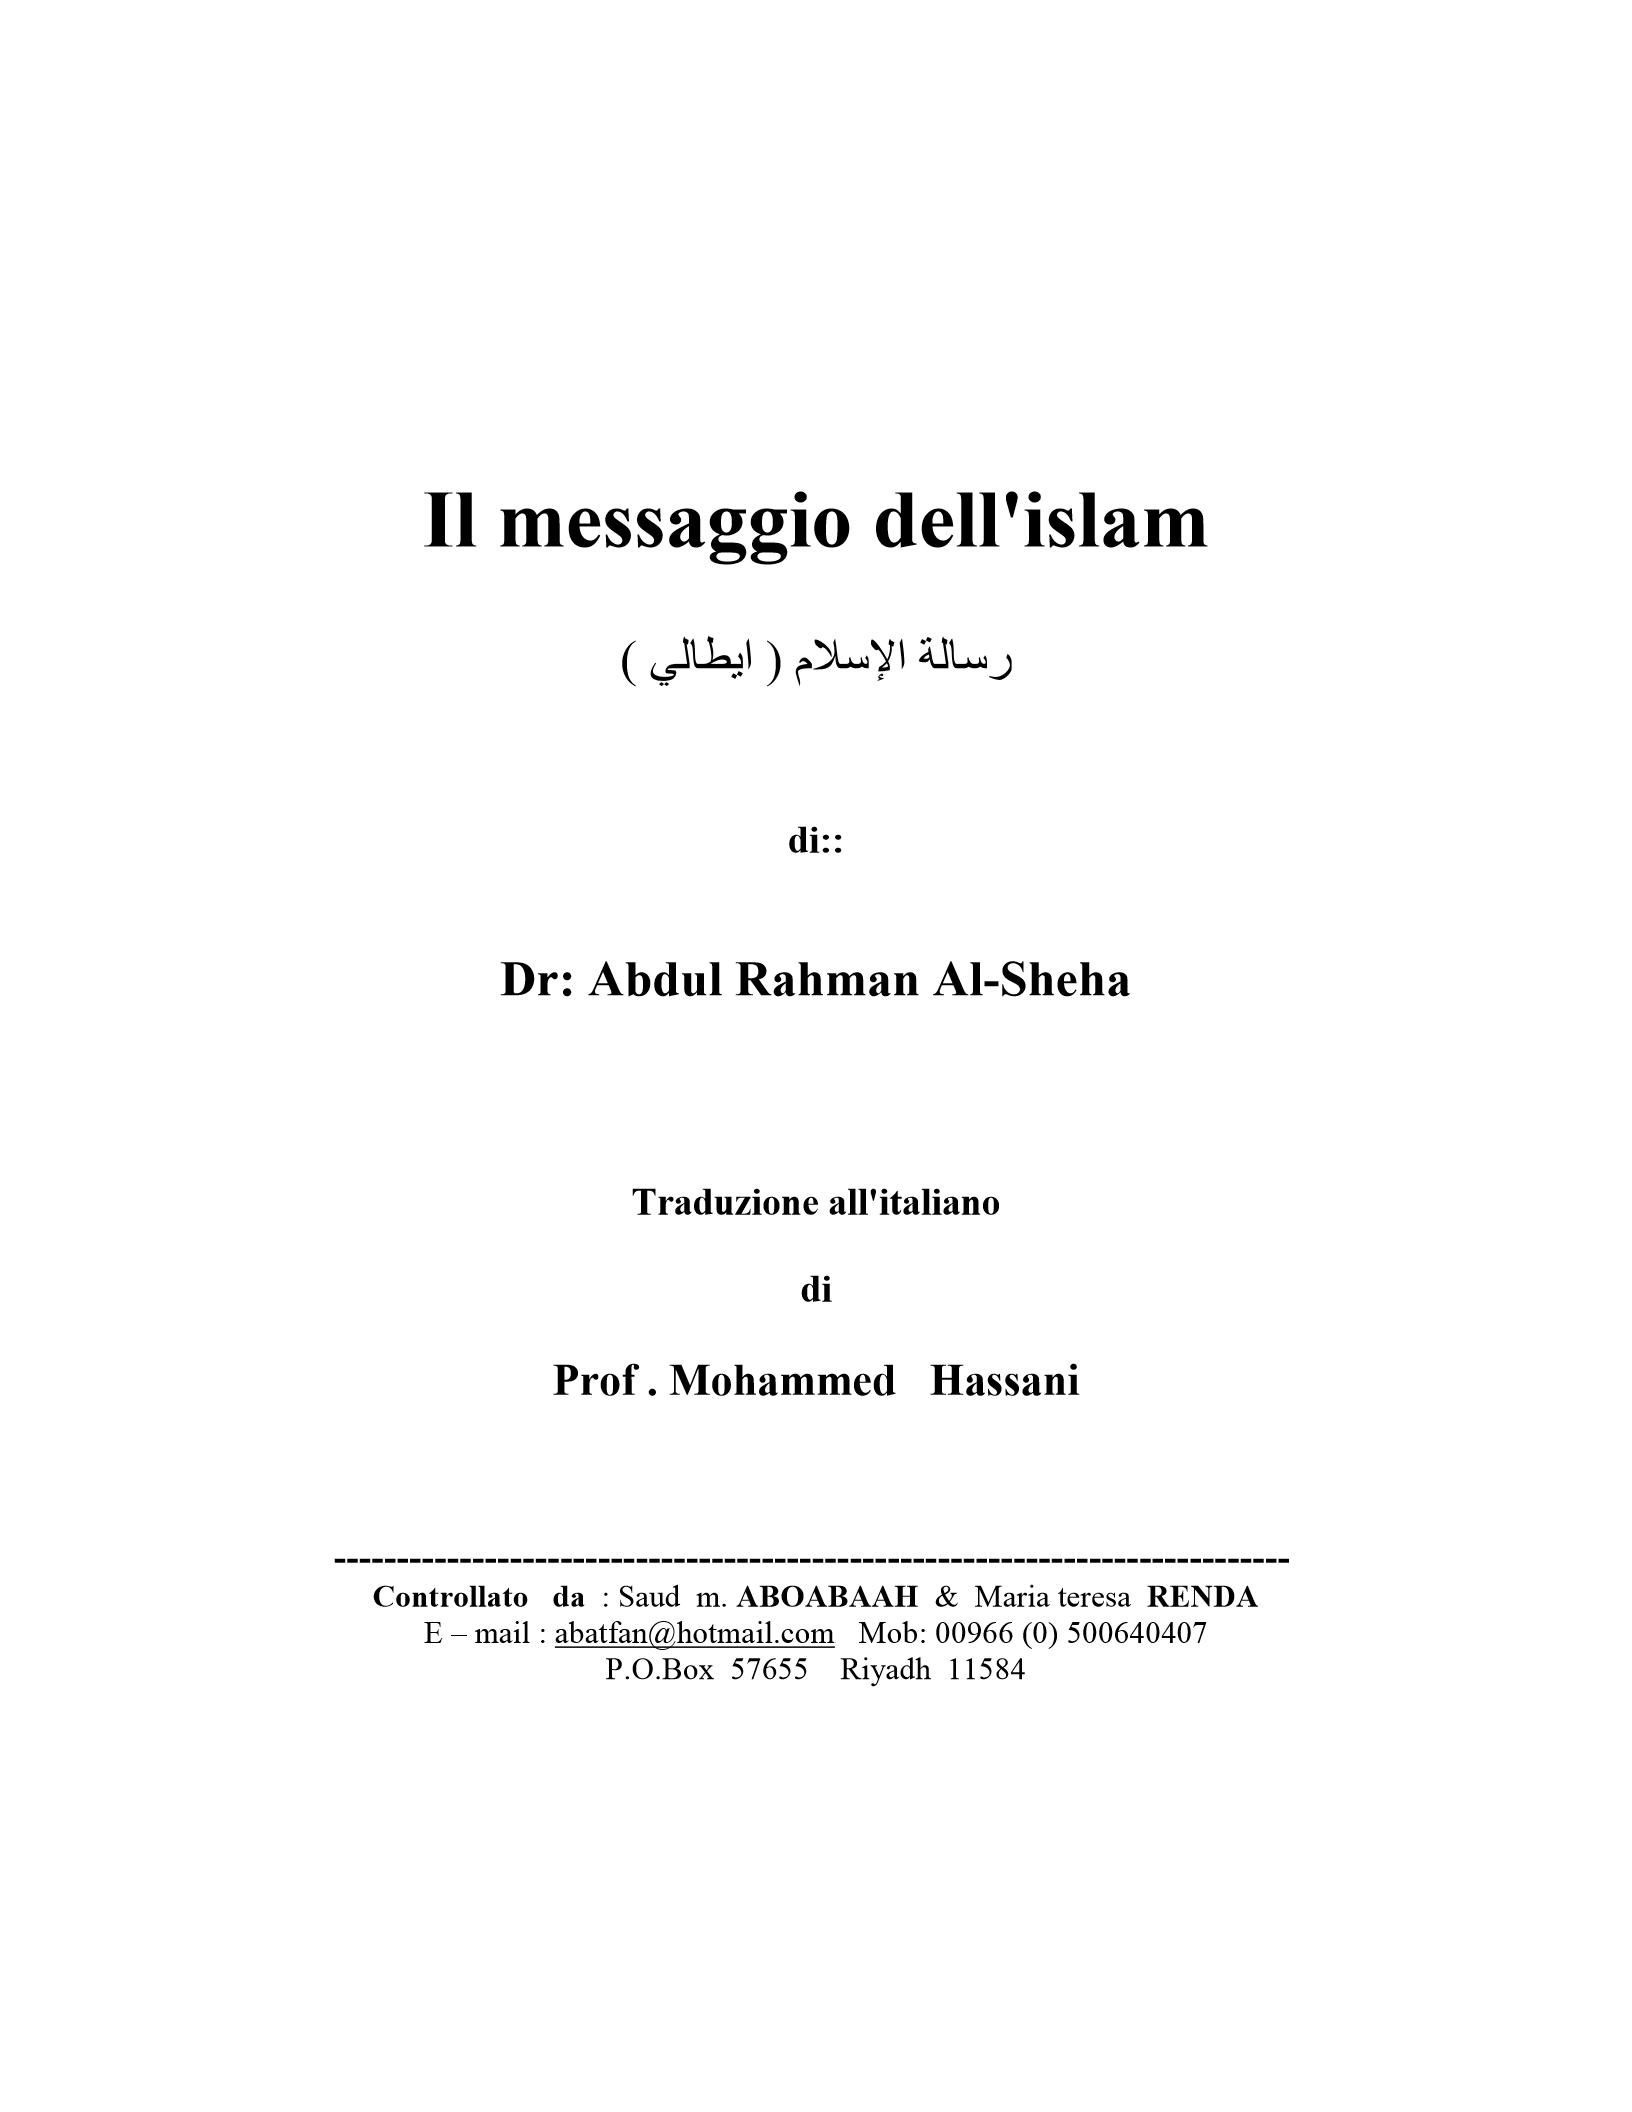 Il messaggio dell'islam رسالة الإسلام ( ايطالي ) di:: Dr: Abdul Rahman Al-Sheha